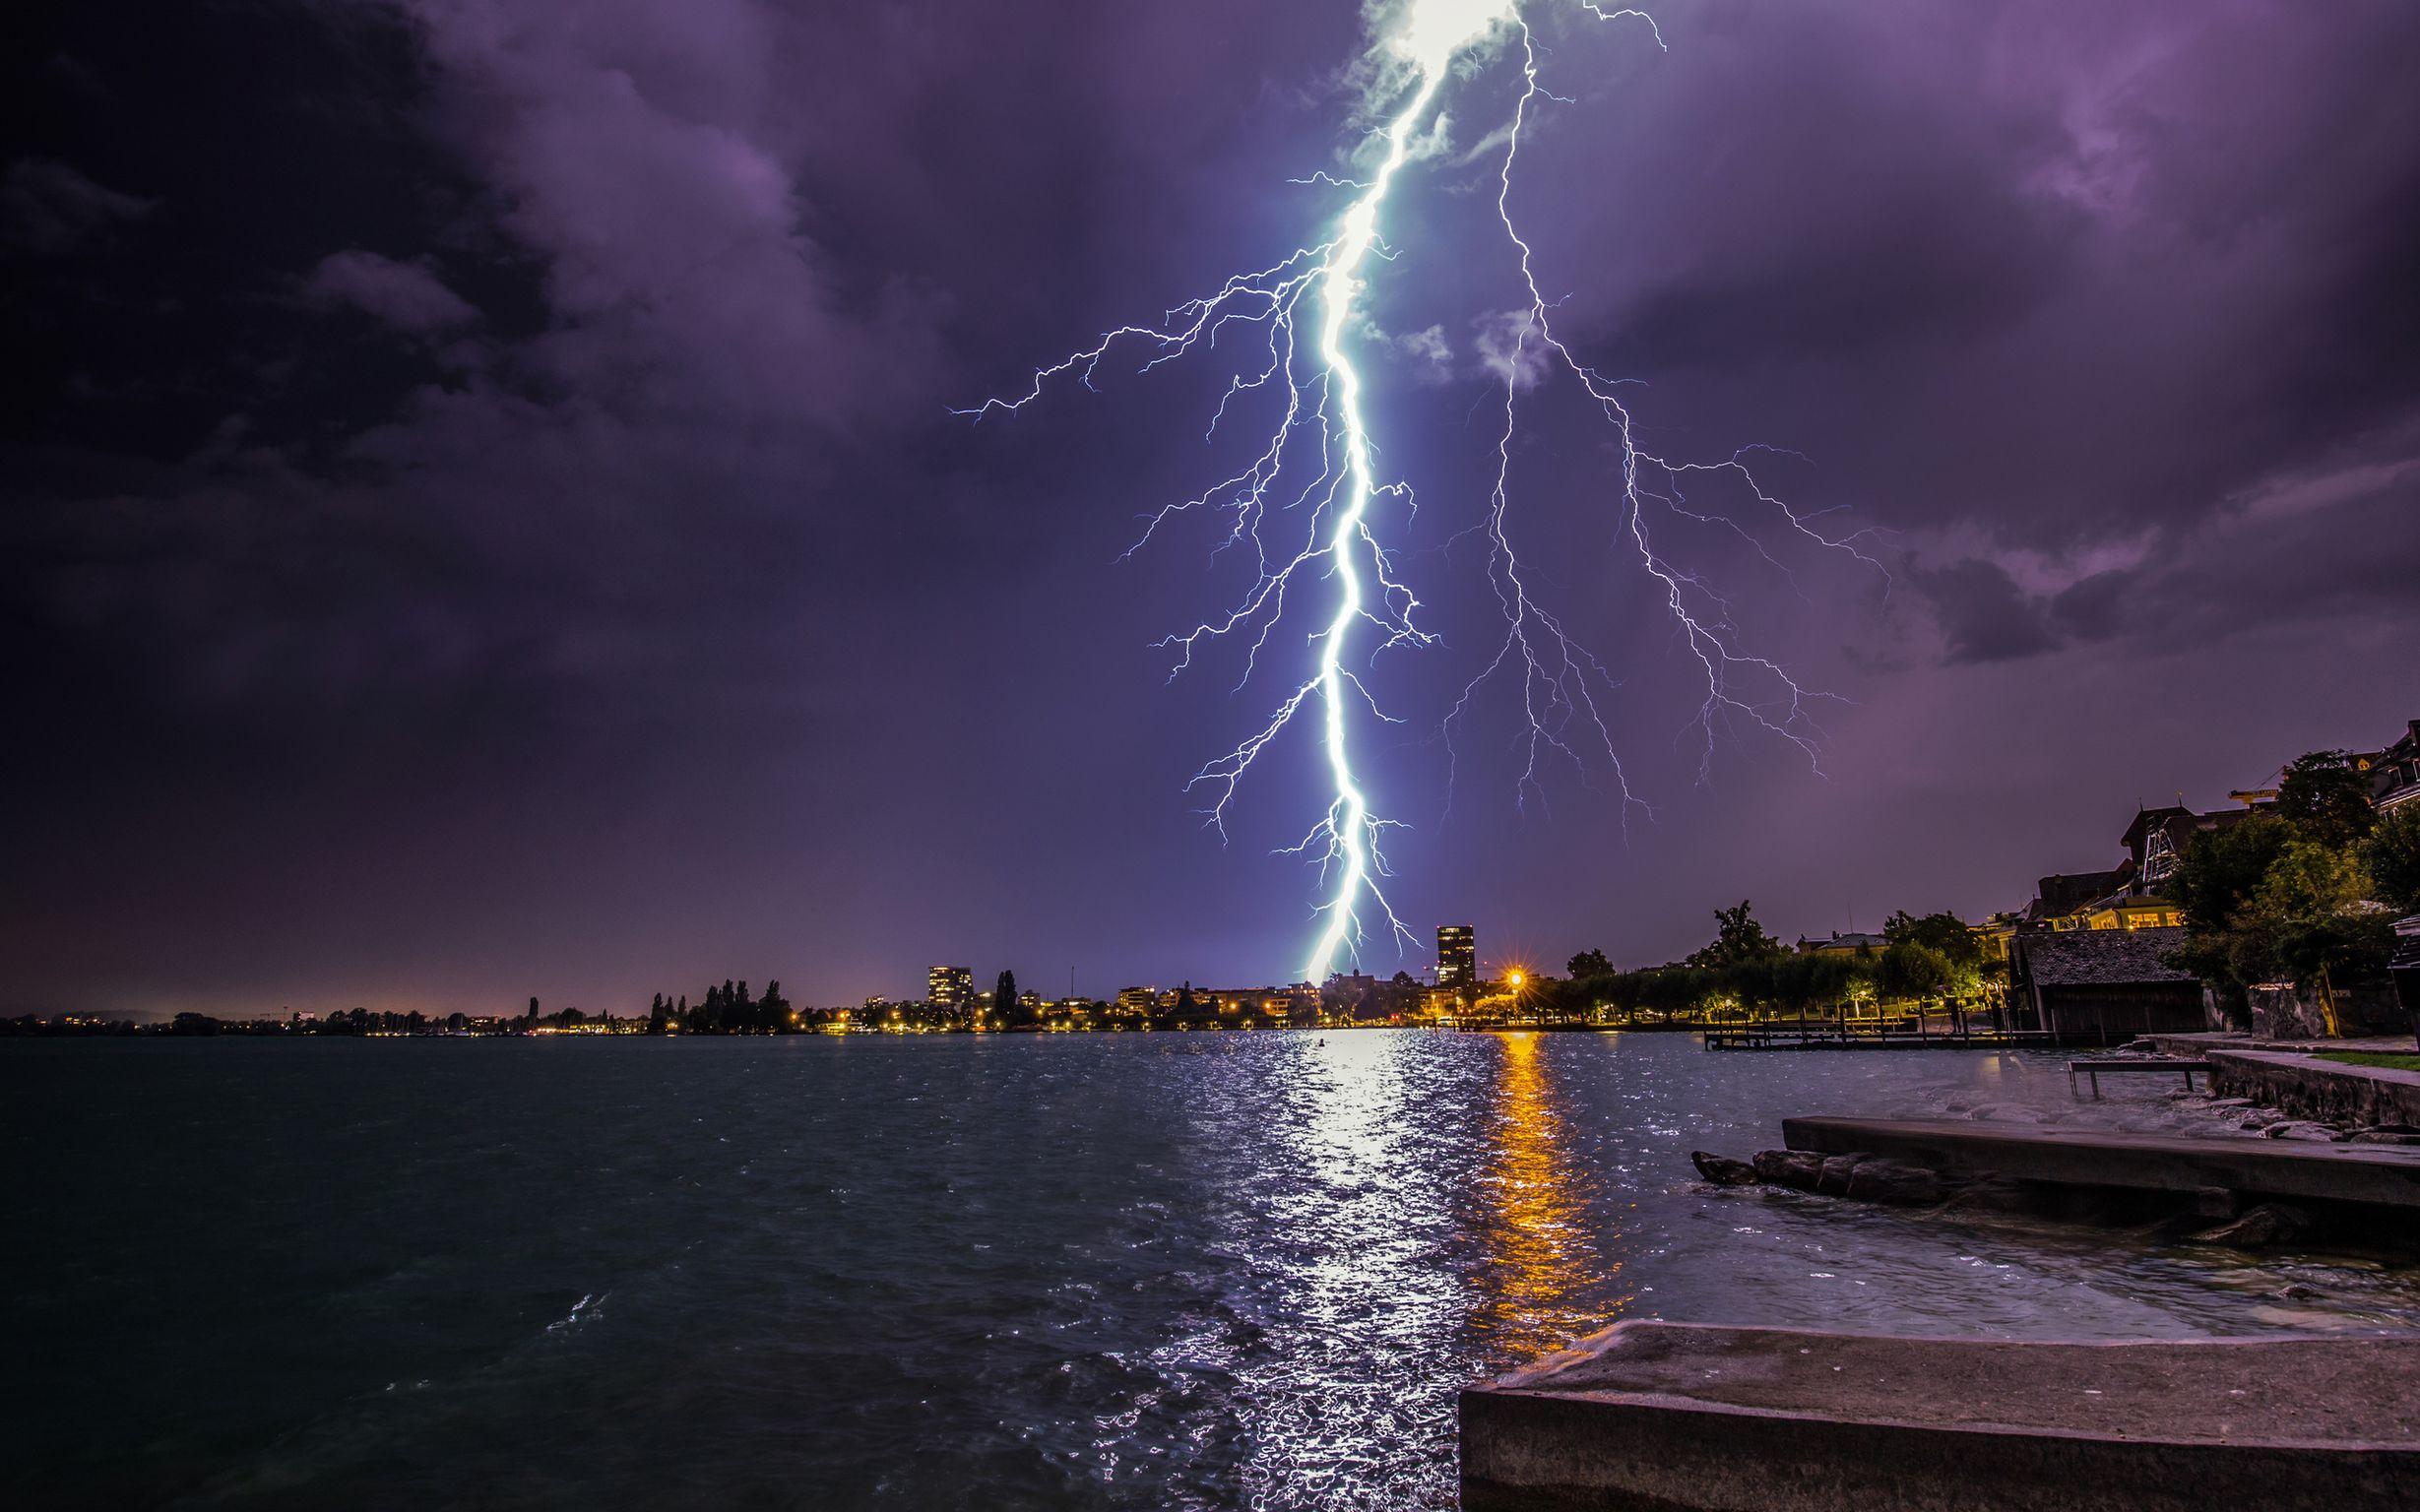 картинки молния и свет в ночи вам